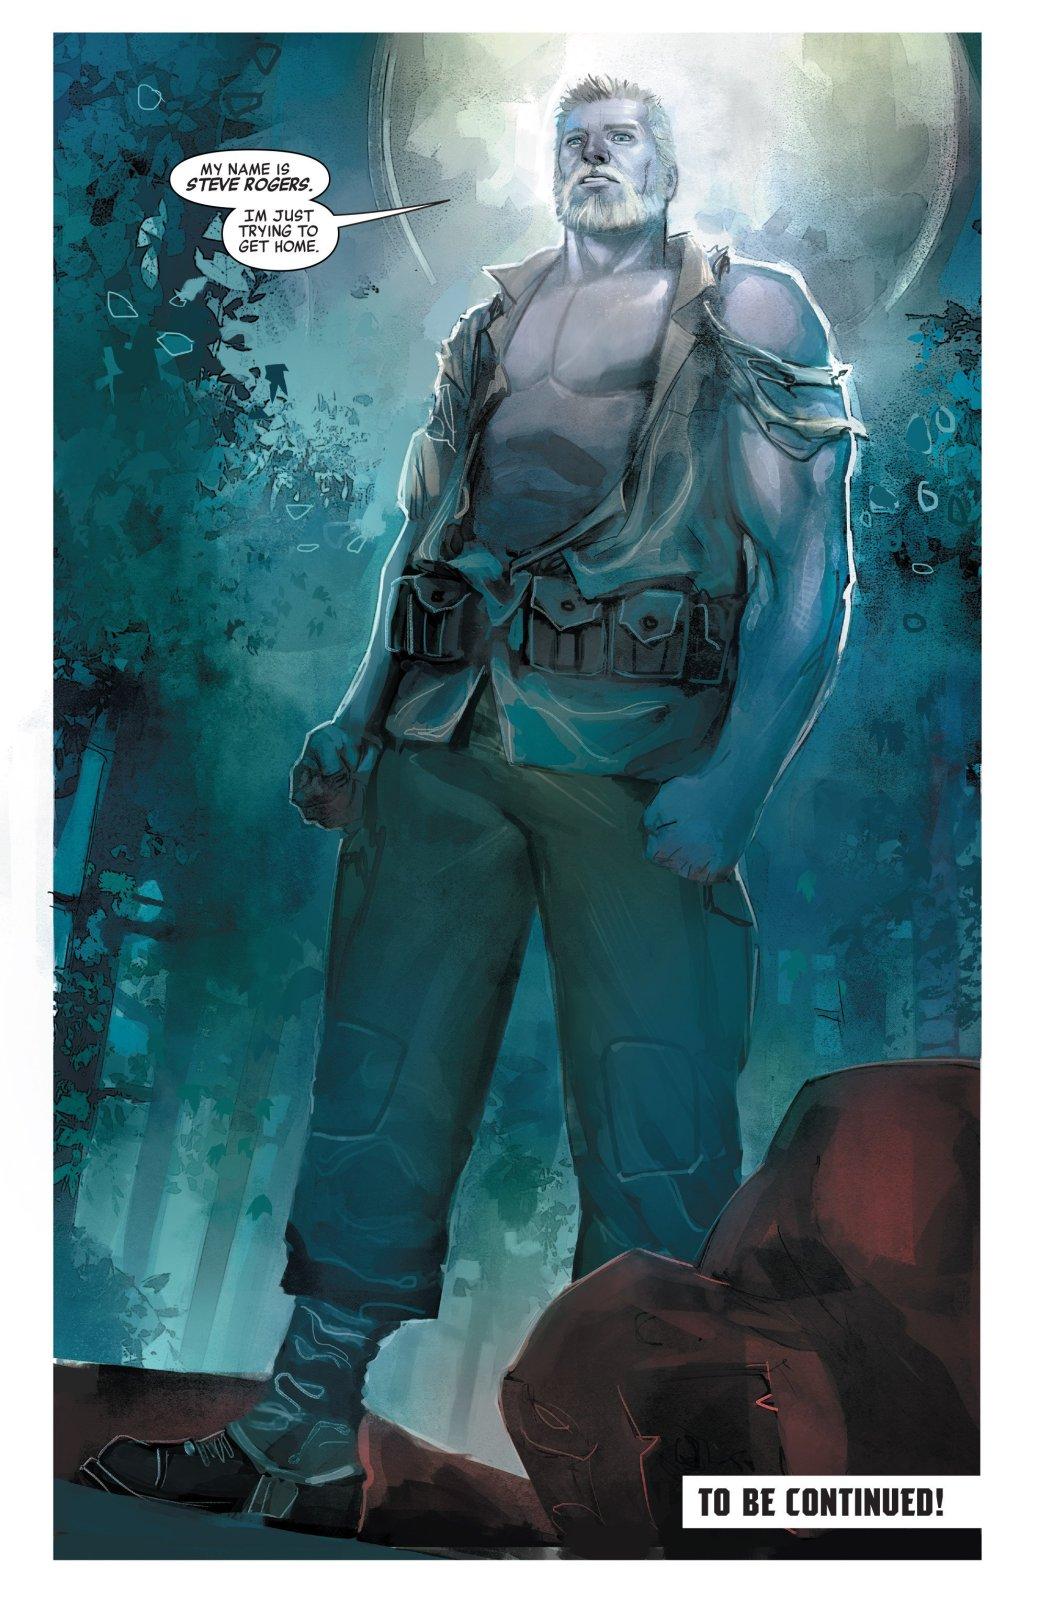 Secret Empire: Гидра сломала супергероев, и теперь они готовы убивать. - Изображение 24